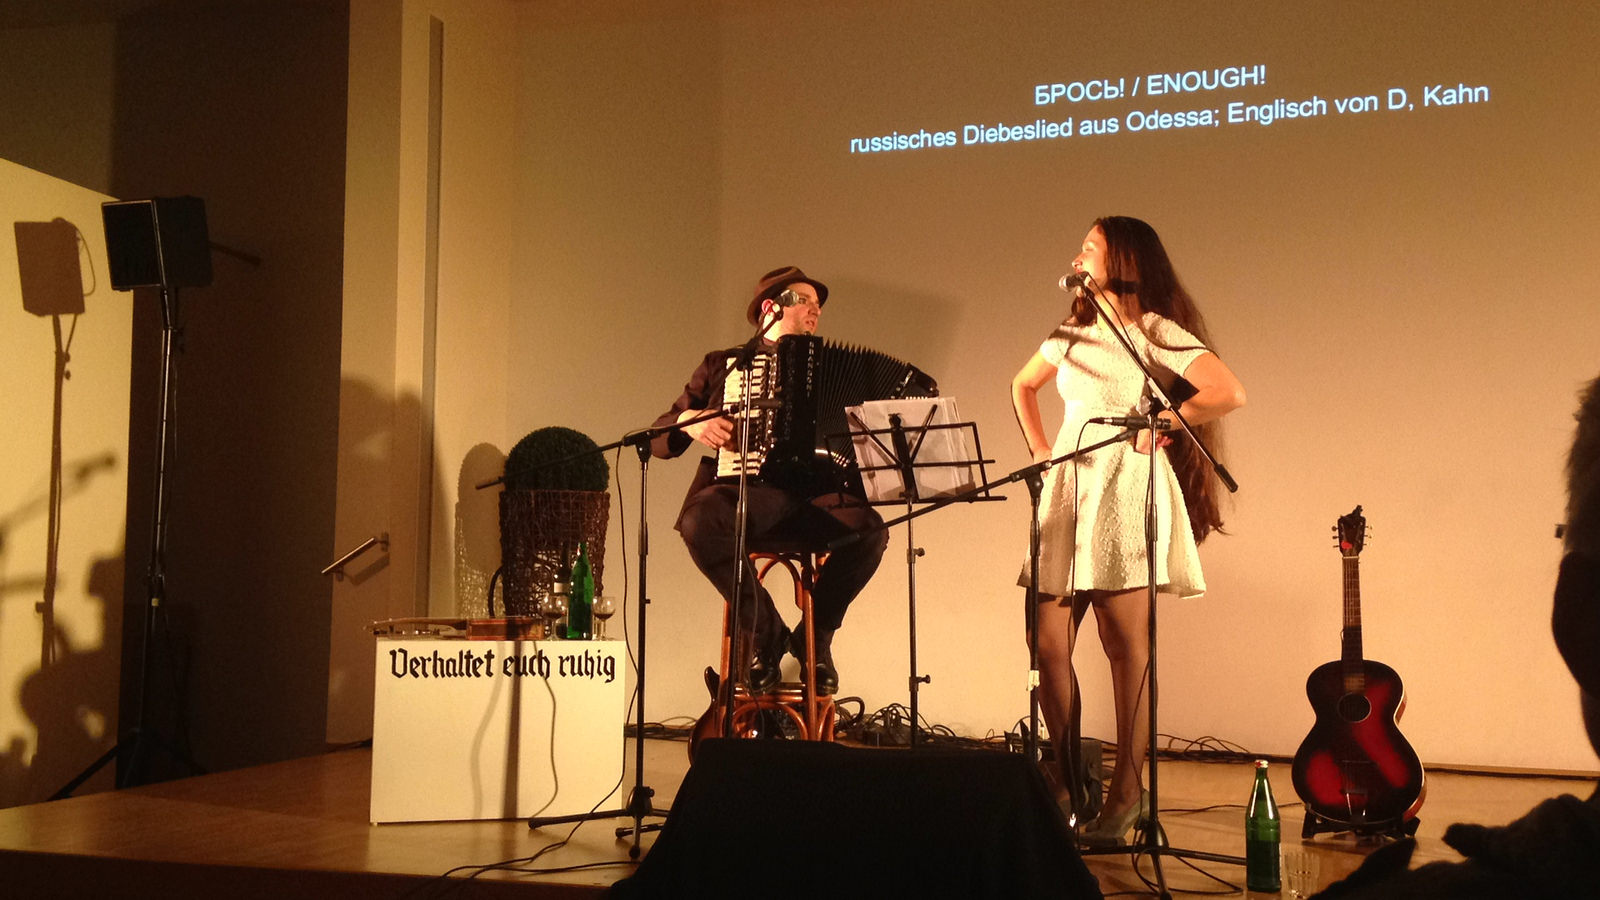 Daniel Kahn und Sasha Lurje im Gemeindesaal der Jüdischen Gemeinde Gelsenkirchen